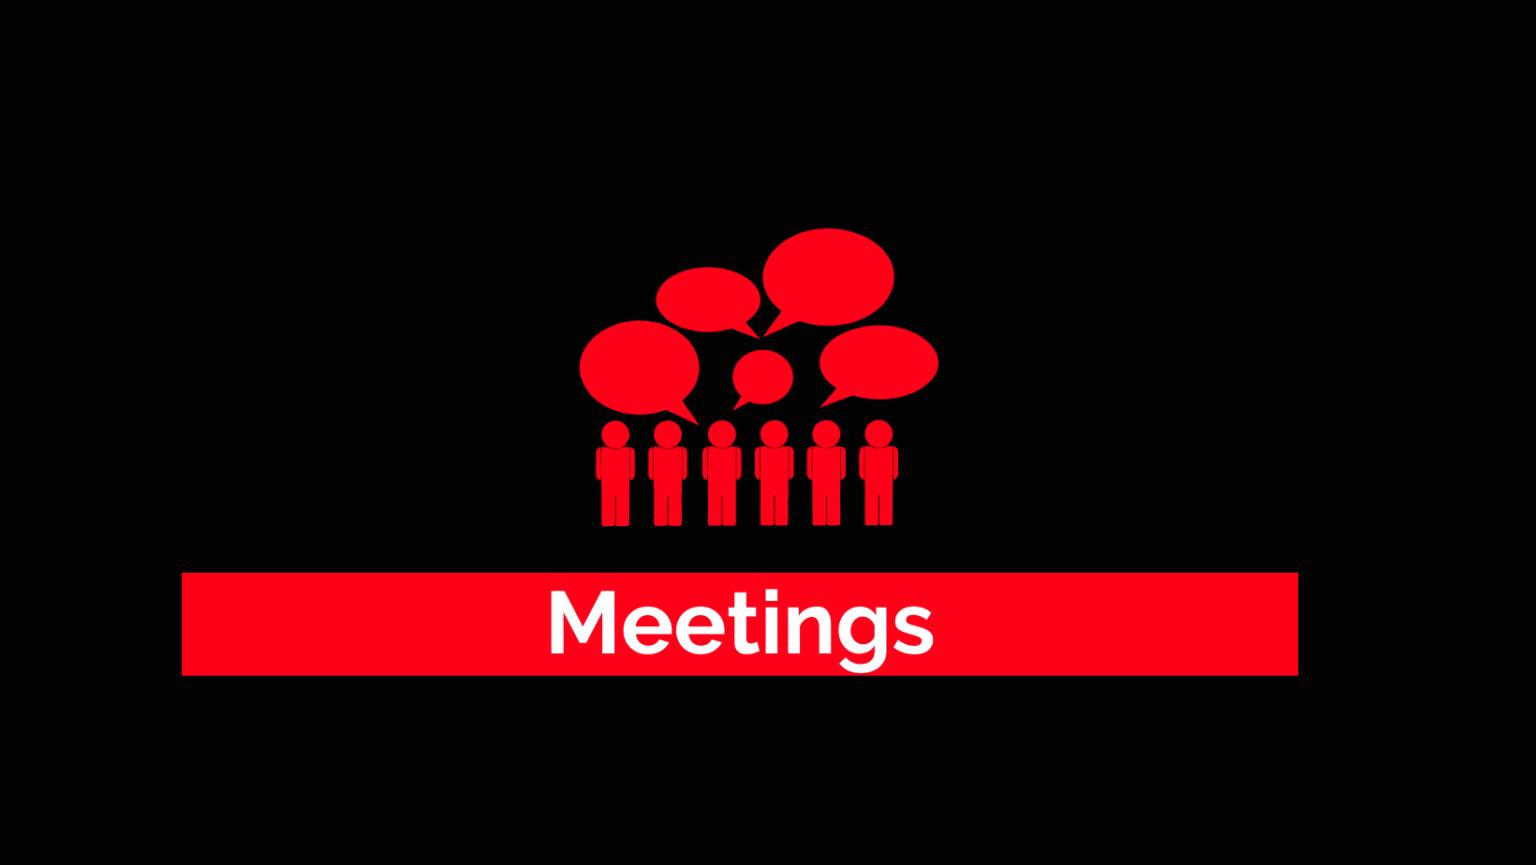 C&D – Meetings